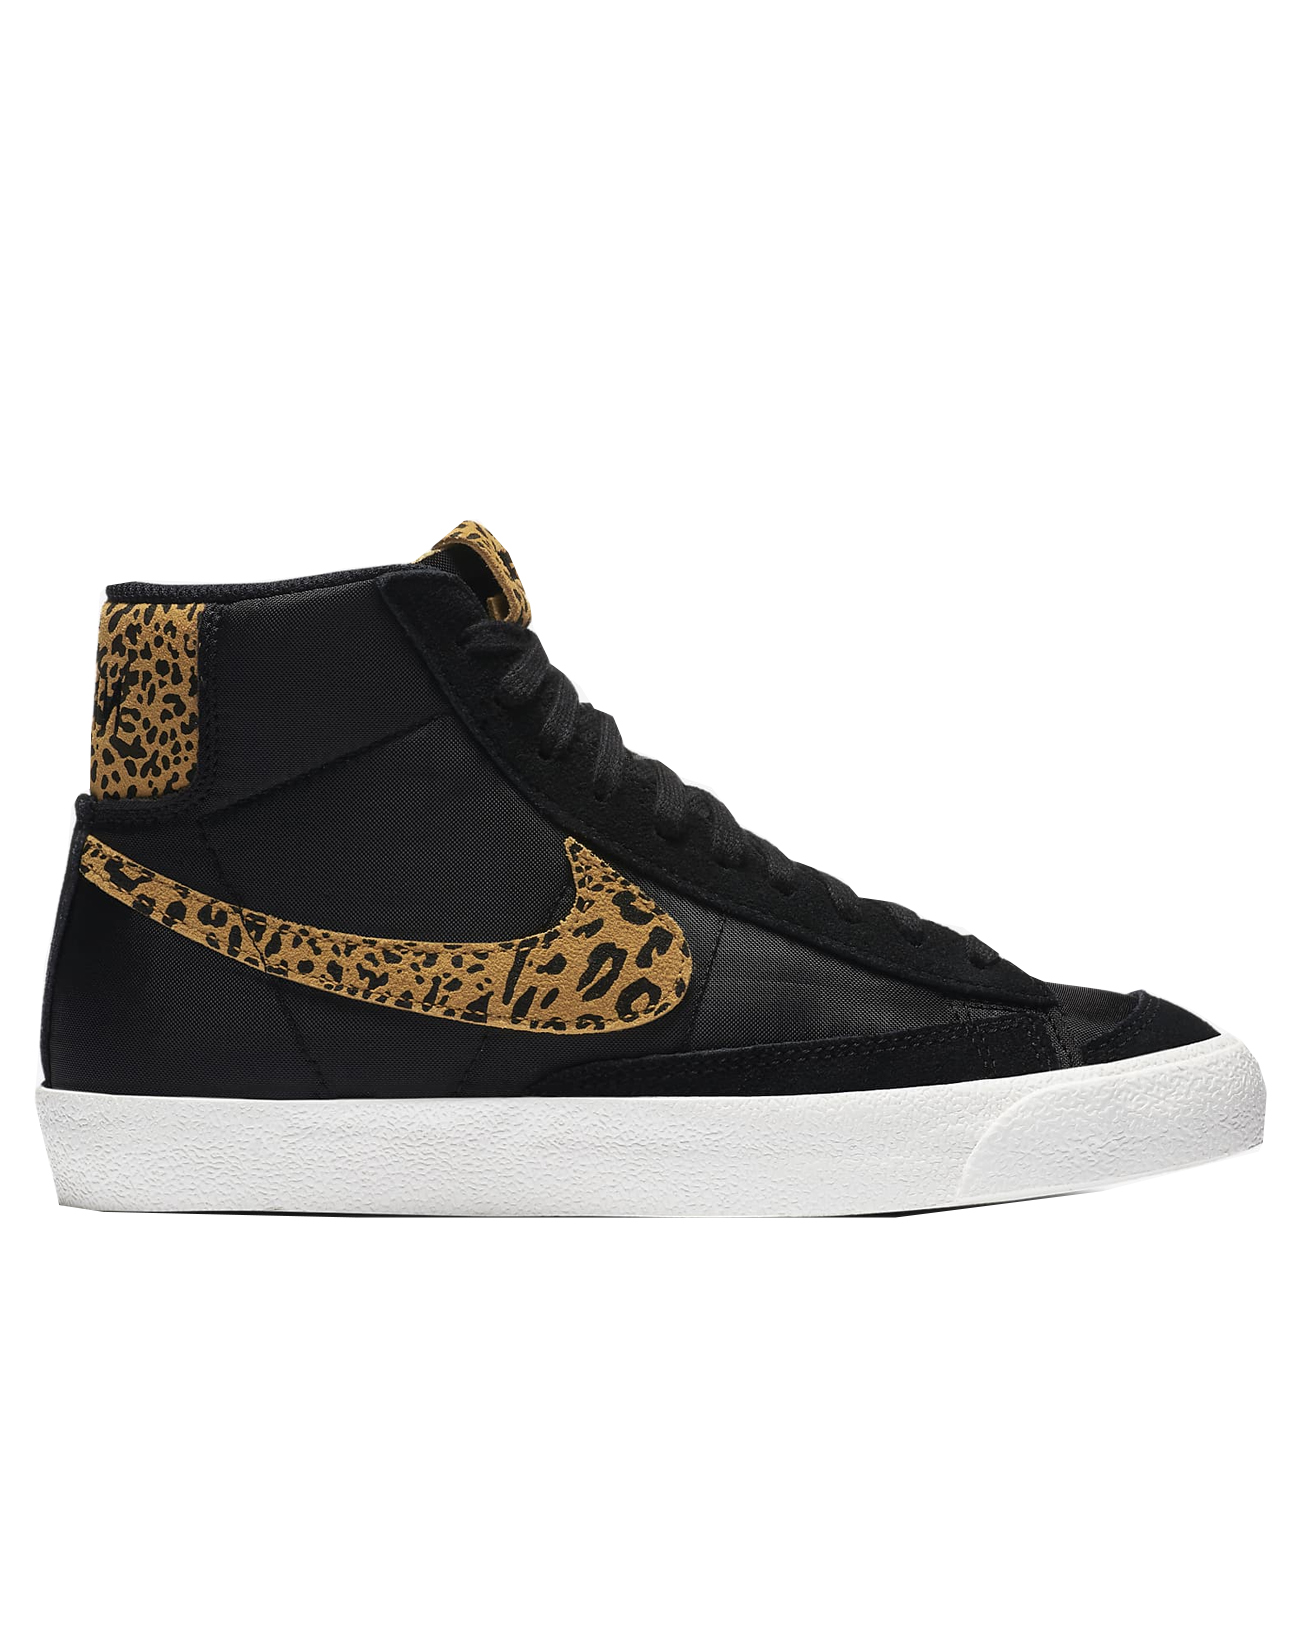 nike high tops leopard print